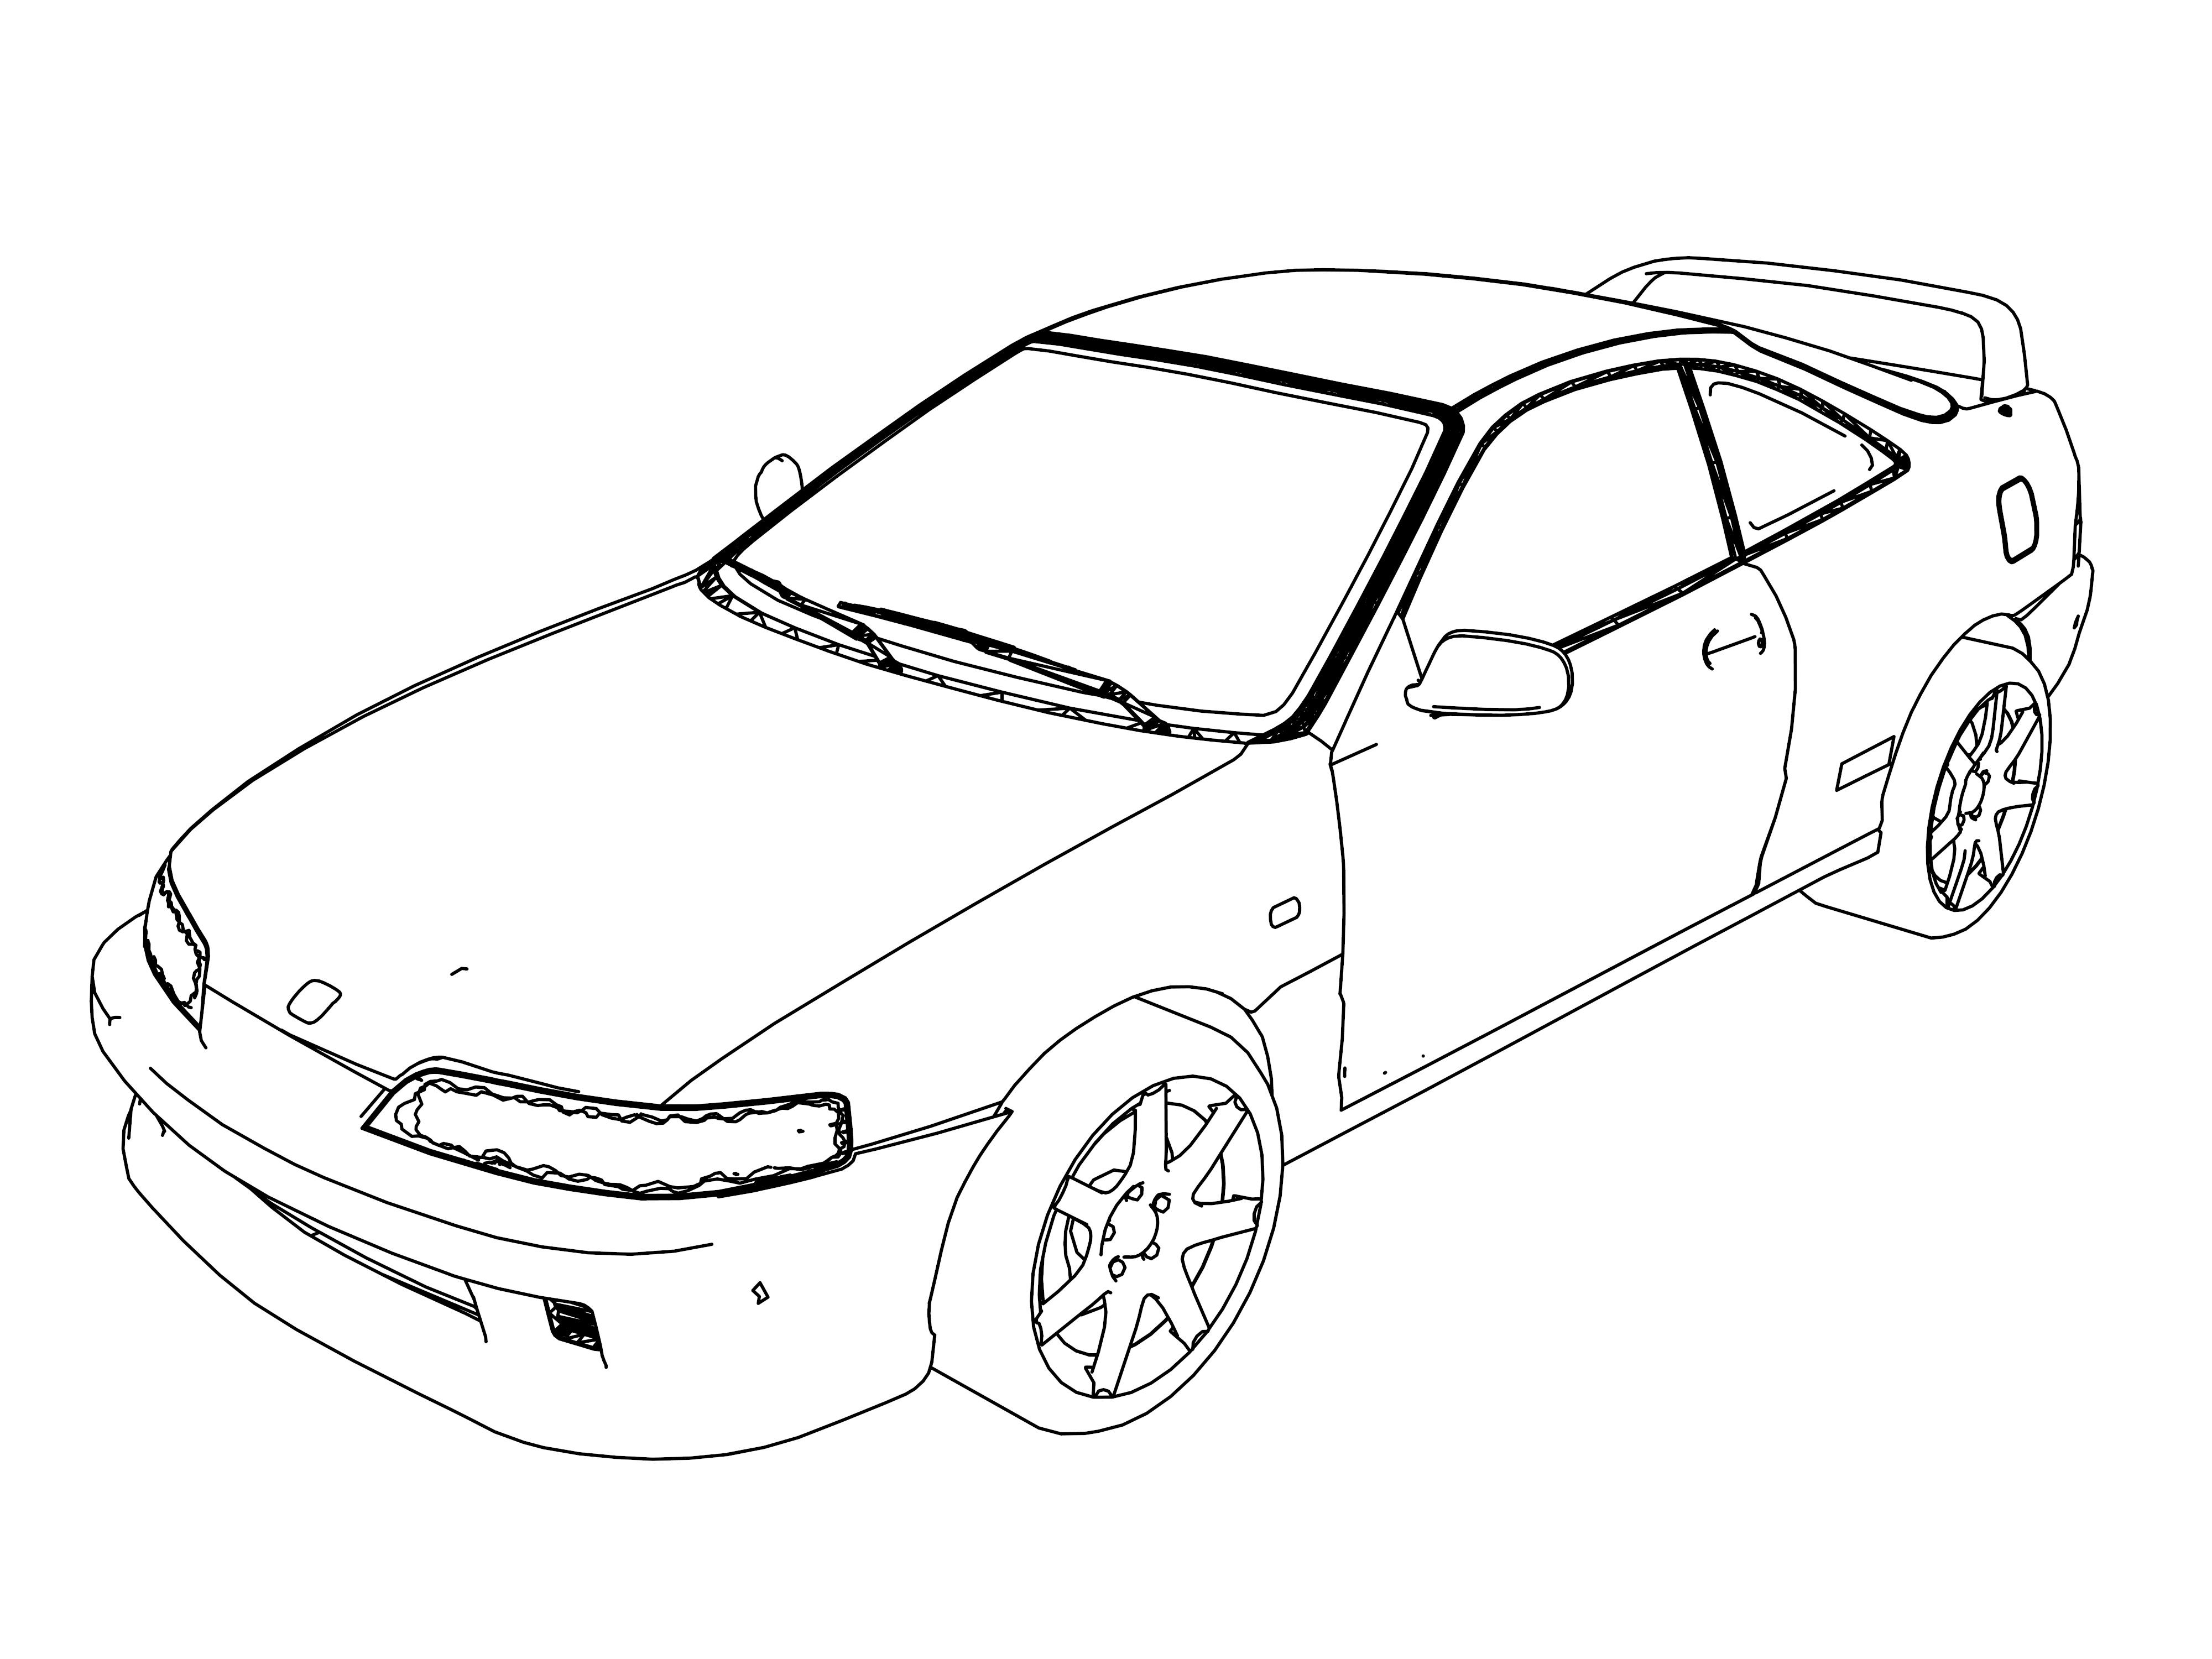 1995 Honda Integra Coloring Page